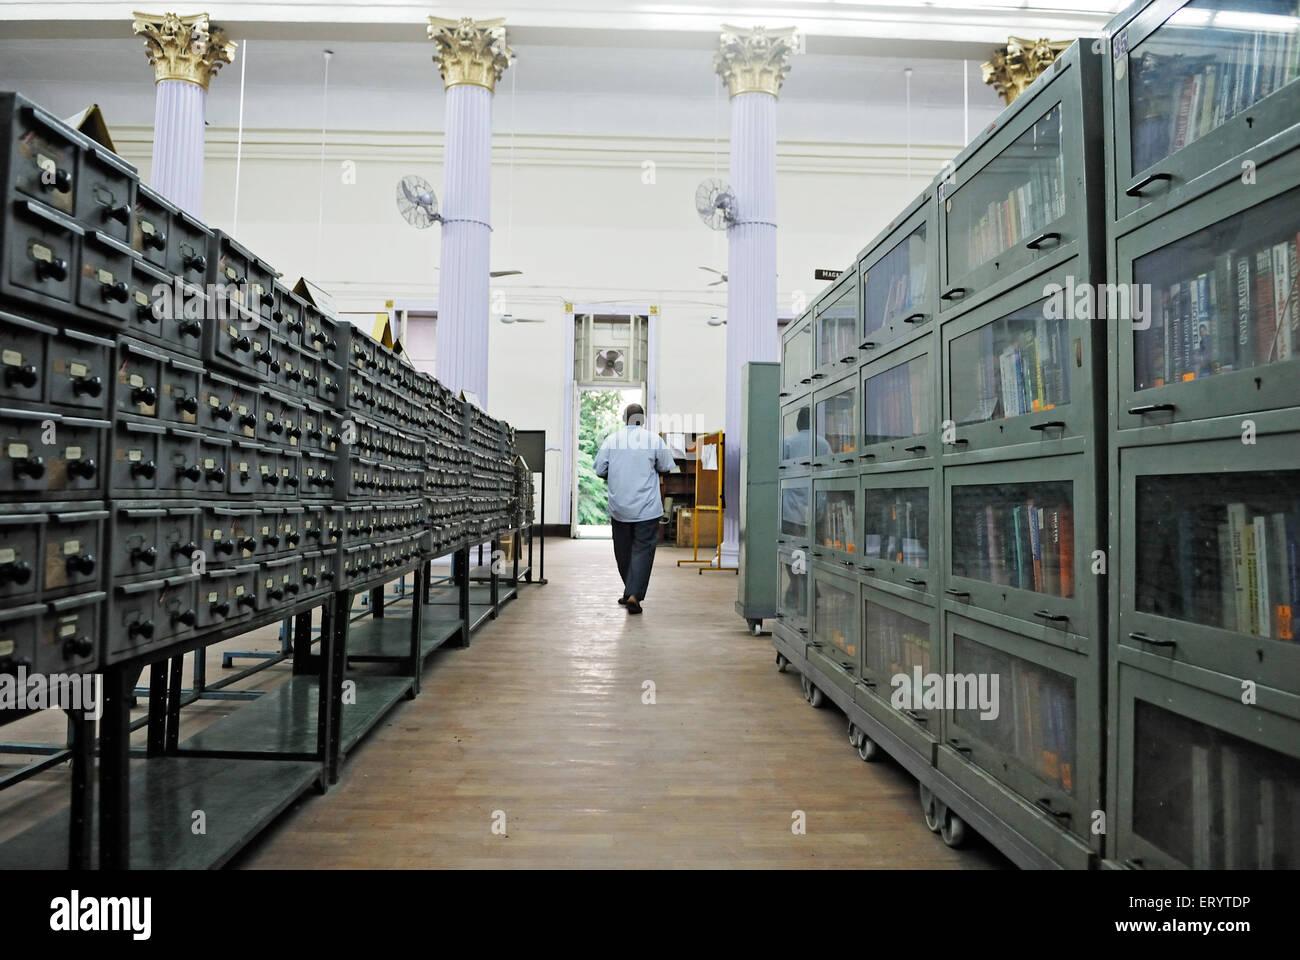 Asiatische Regale schränke und regale im rathaus asiatische bibliothek bombay mumbai